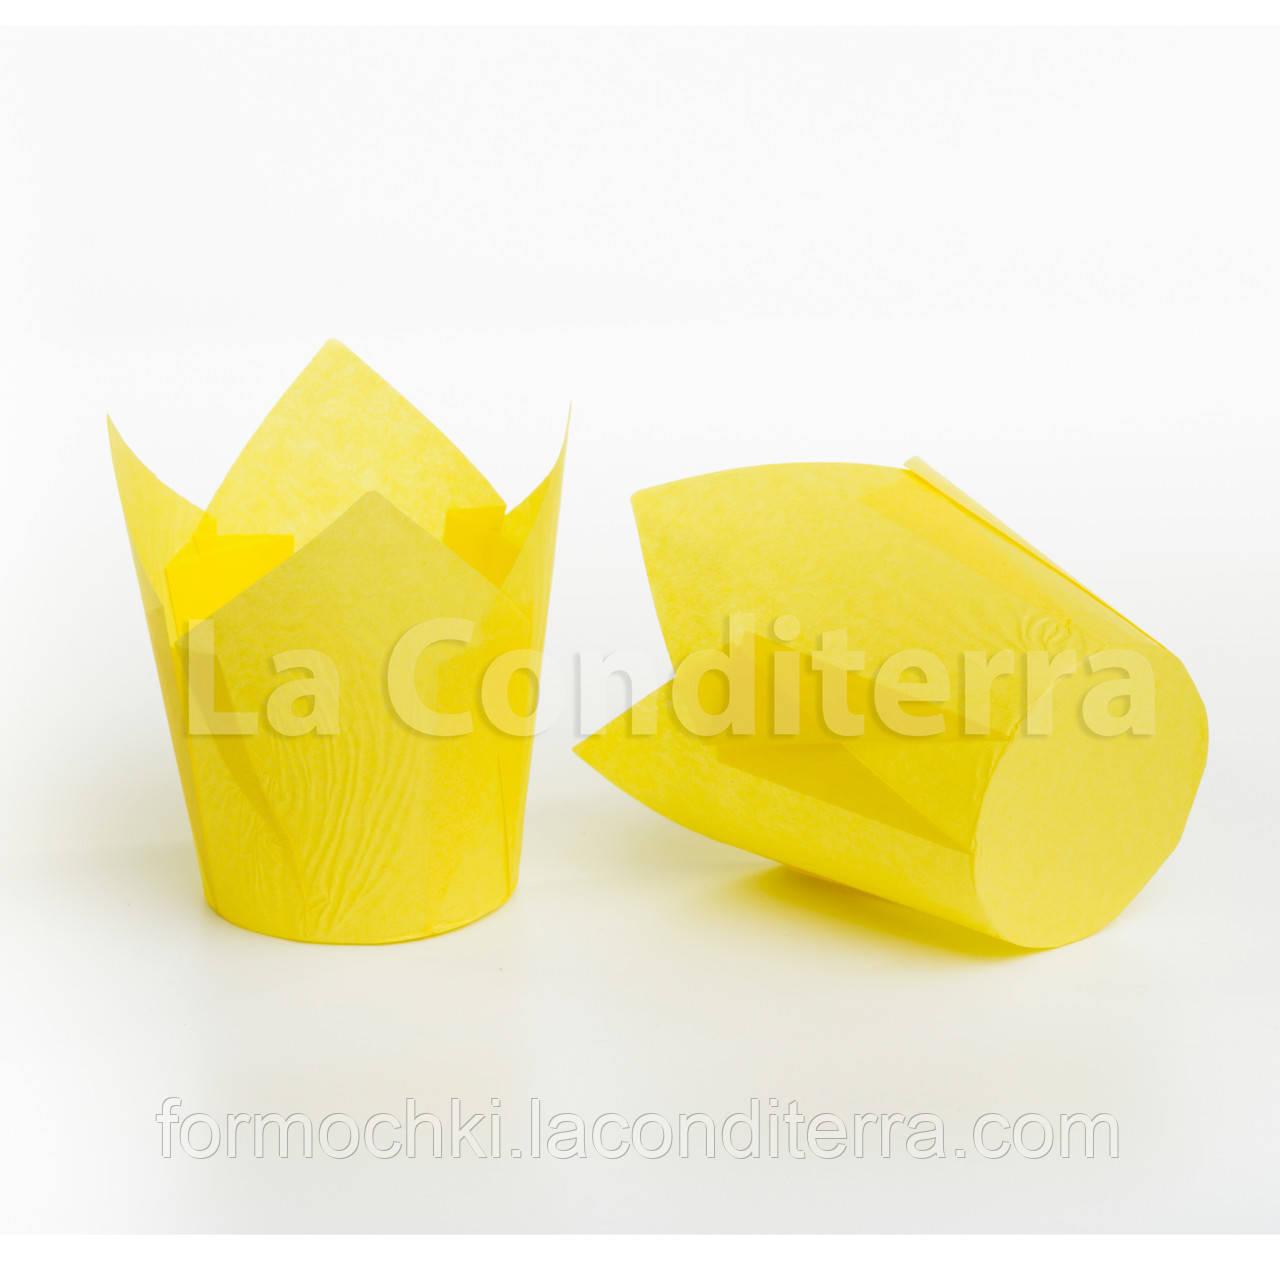 Формы Тюльпан желтые, бумажные формочки для кексов (150 шт., d=50 мм, высота бортика=50/75 мм)